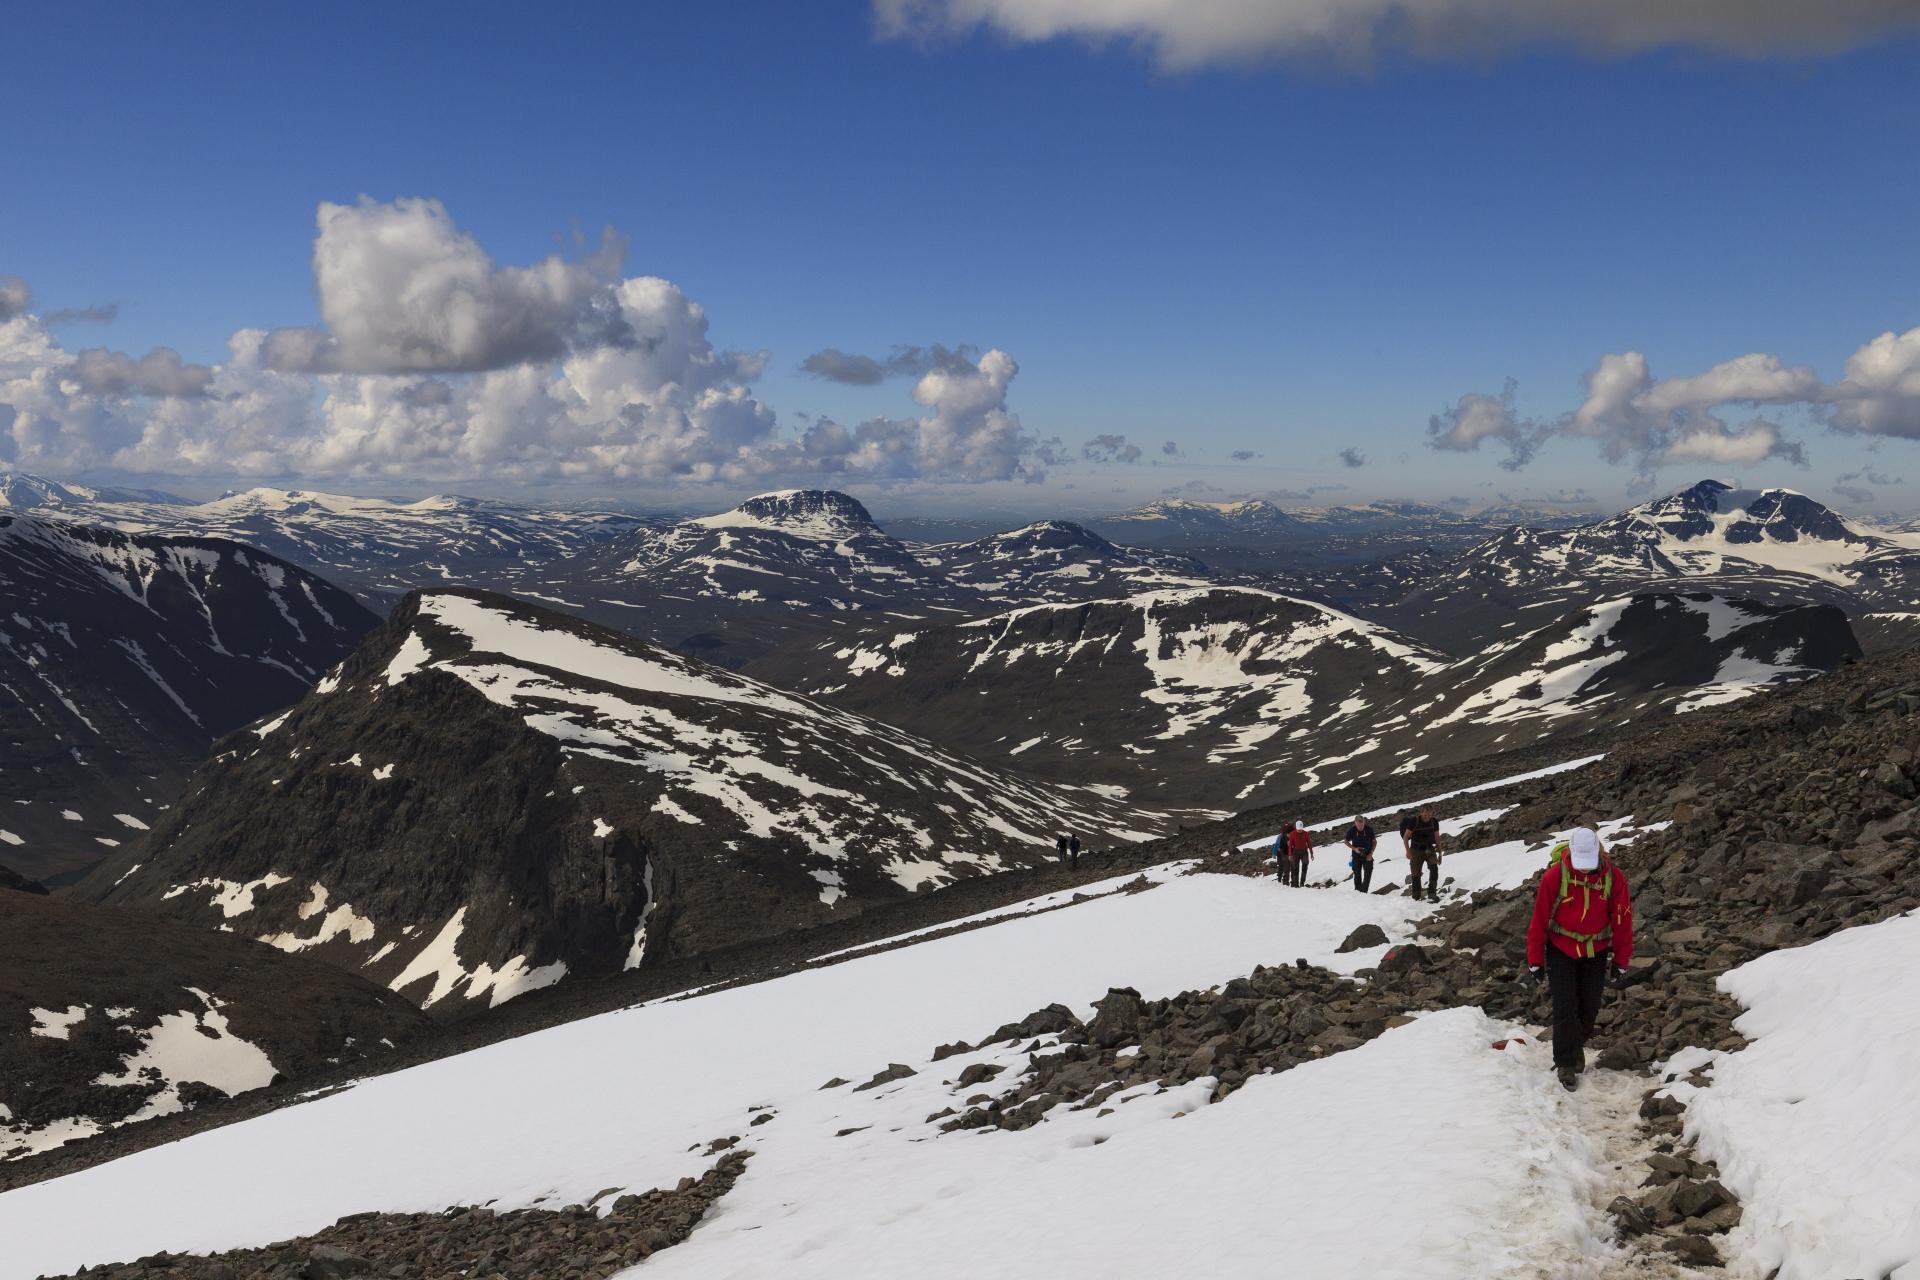 Wir gewinnen schnell an Höhe (durch das Tal leicht rechts der Bildmitte sind wir aufgestiegen, die Westroute ist links ausserhalb des Bildrandes)